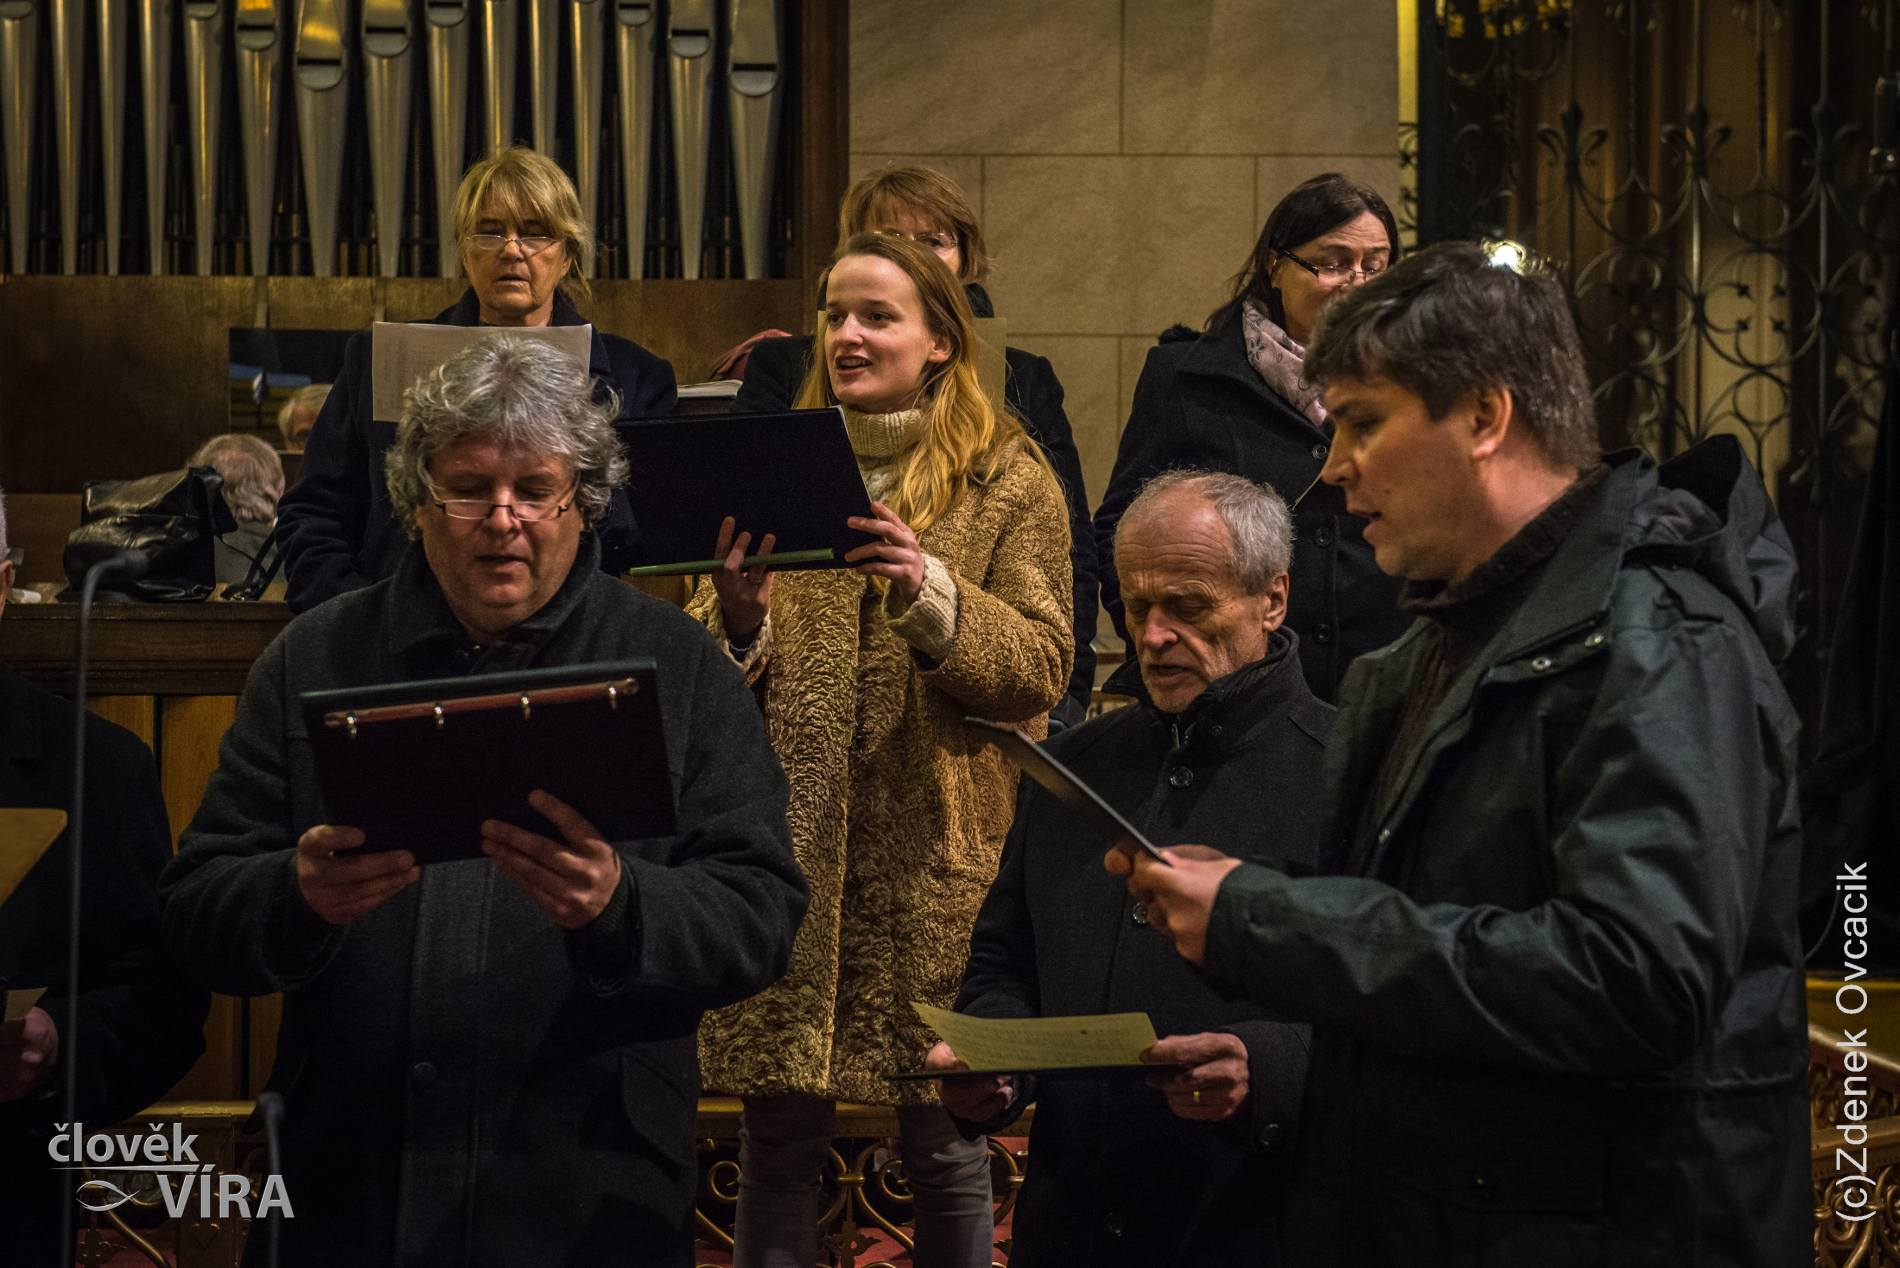 křesťanští hudebníci